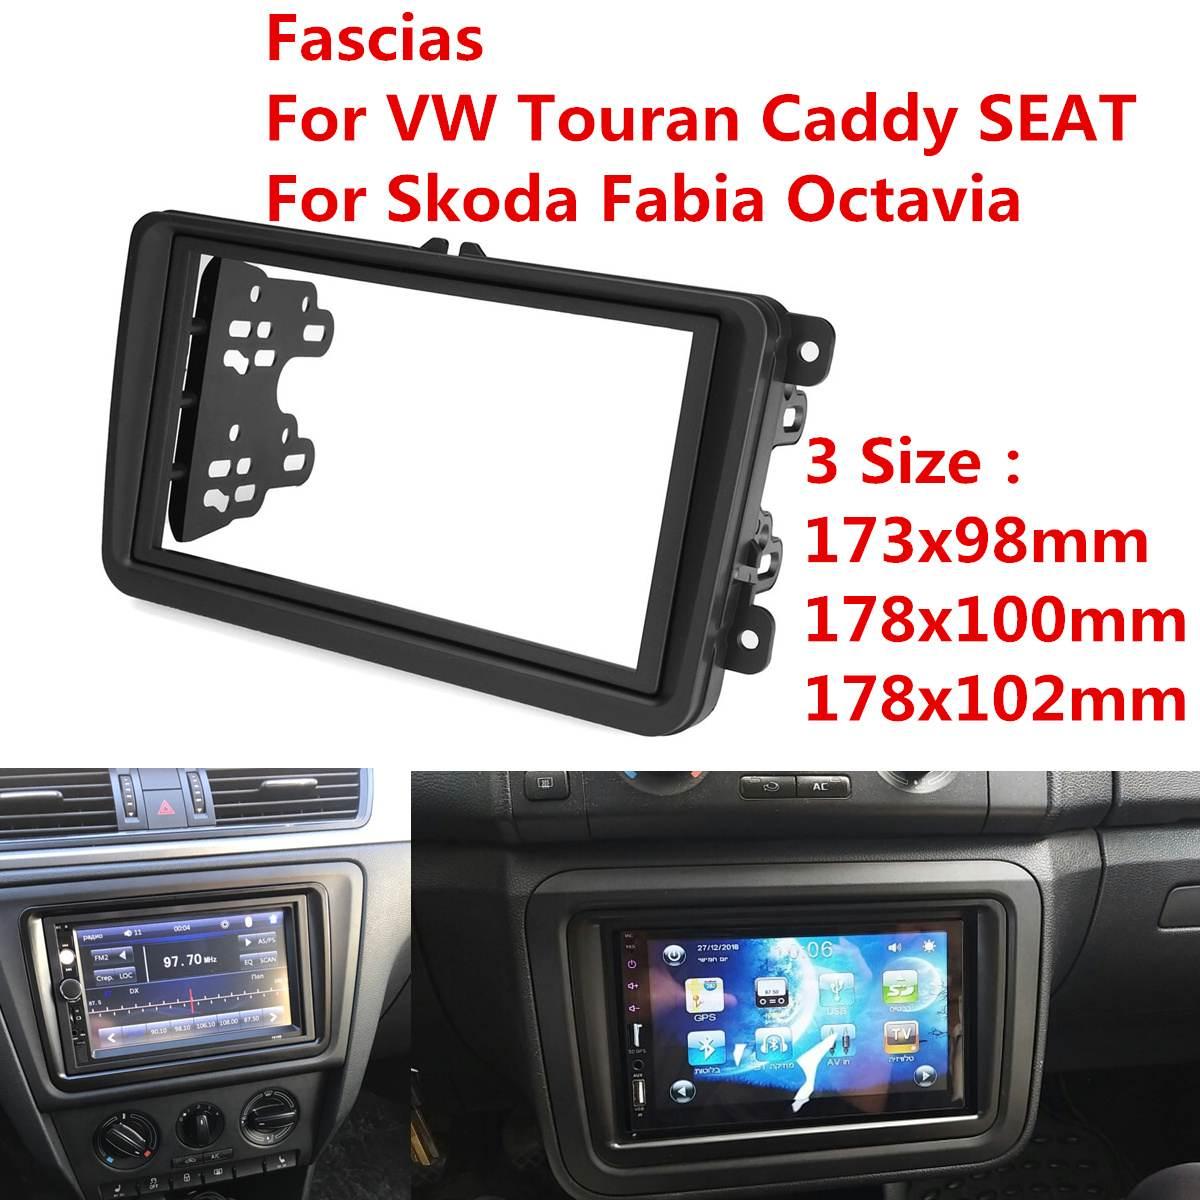 2 דין רכב רדיו Fascia Fascias פנל מסגרת תקליטור DVD דאש אודיו פנים עבור פולקסווגן פולקסווגן טוראן Caddy סיאט סקודה פאביה אוקטביה